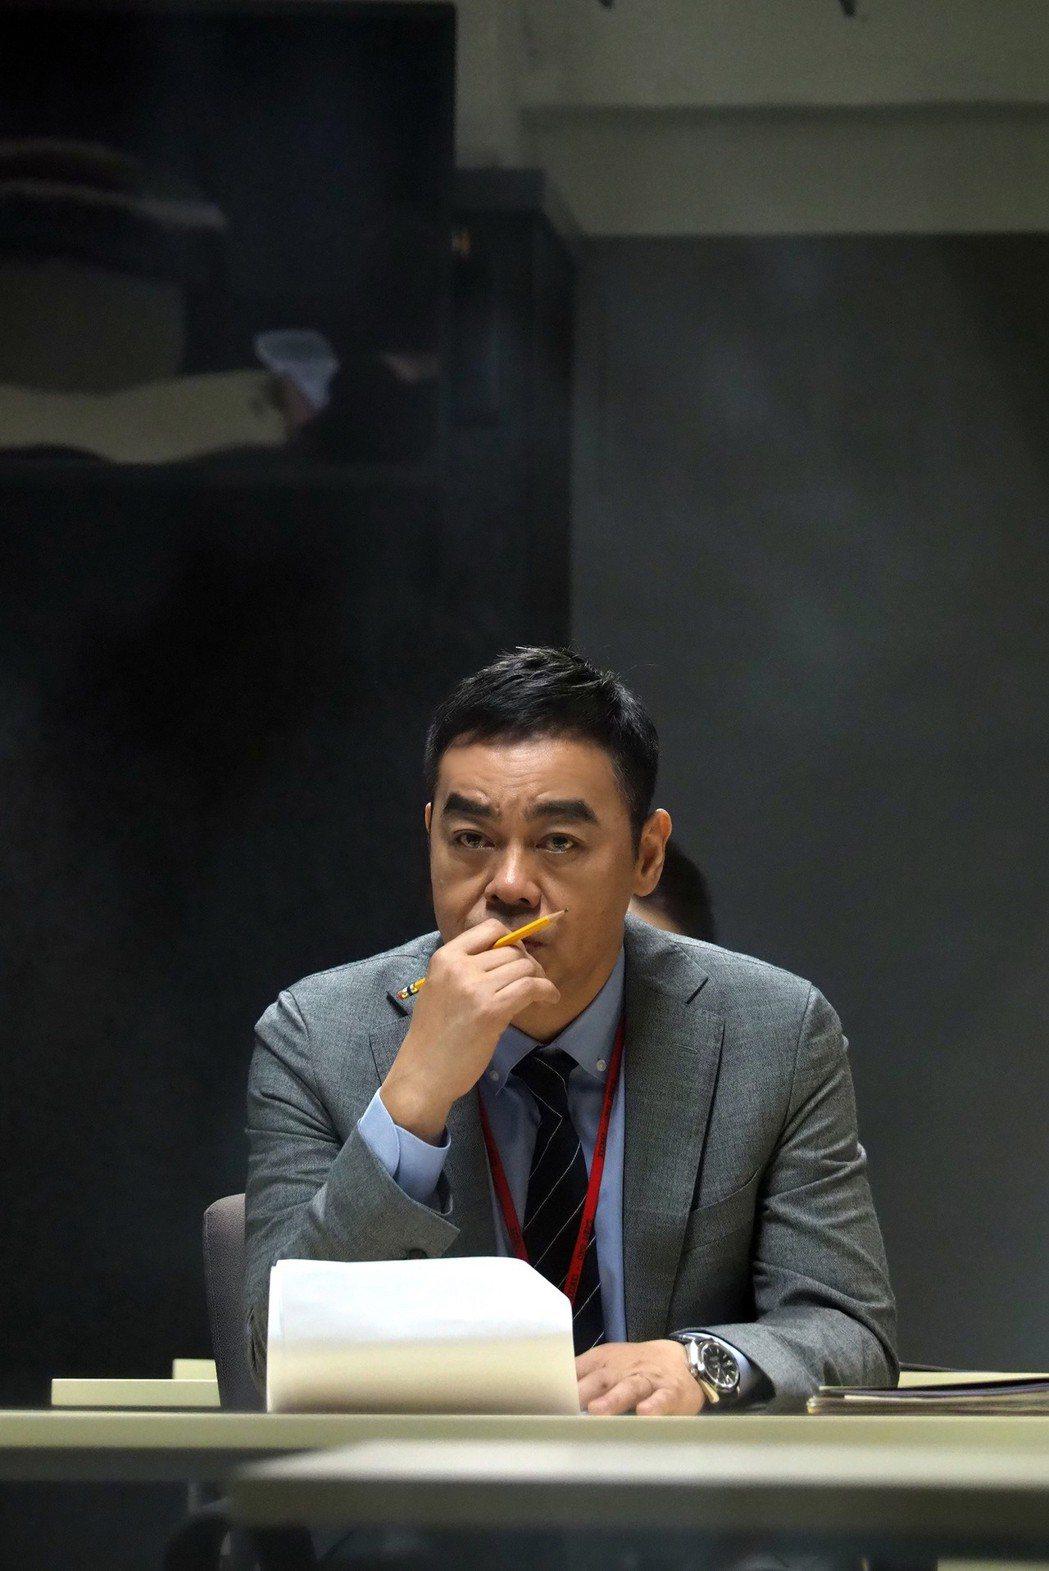 劉青雲演廉政公署官員。圖/華映娛樂提供